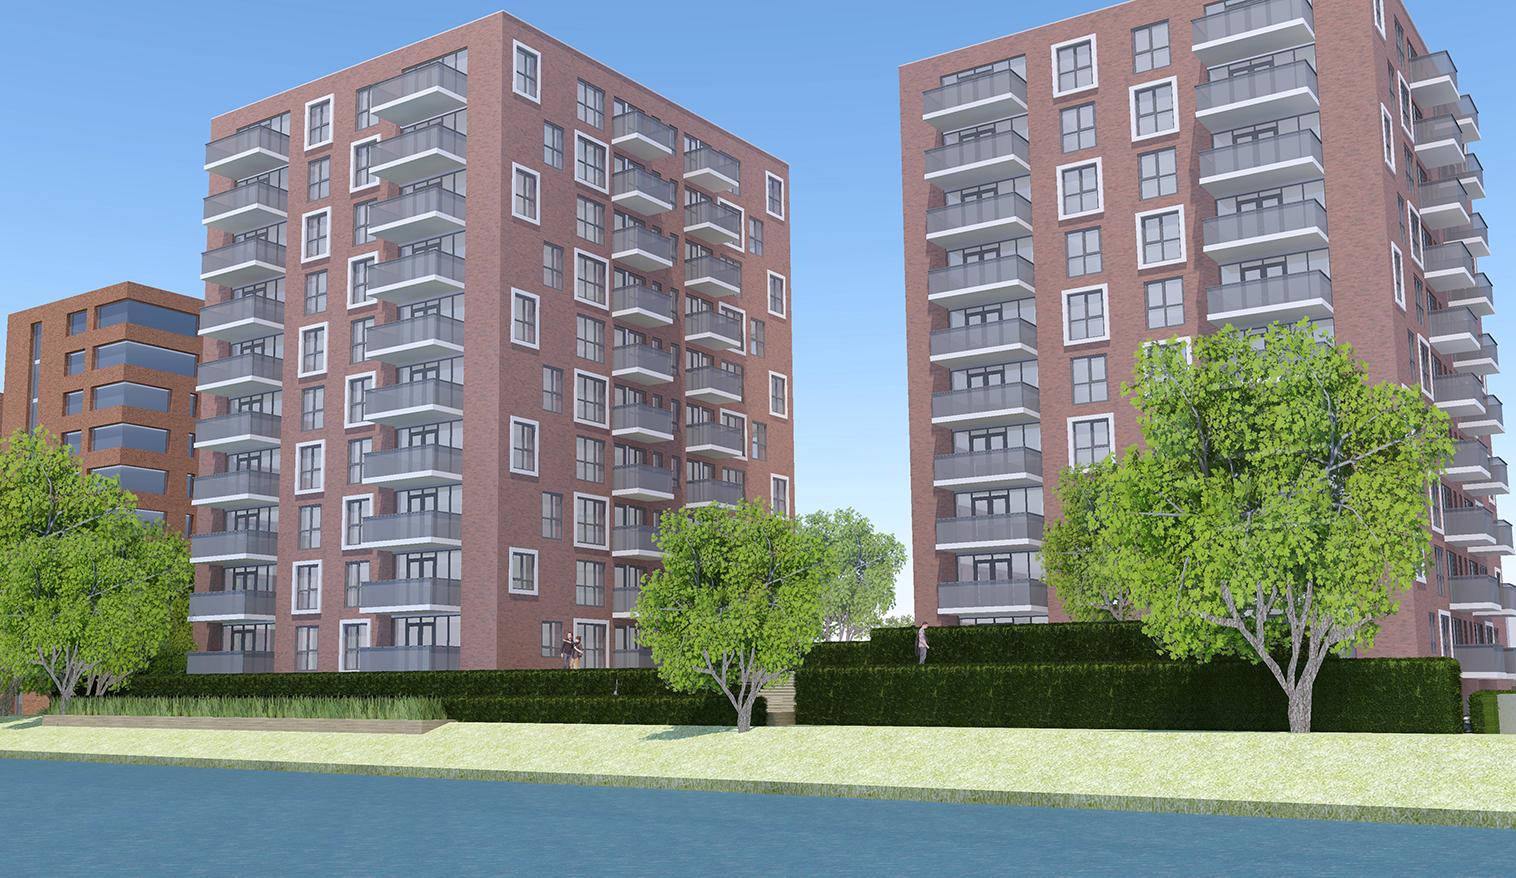 06 OPL Architecten_Lomanlaan Utrecht-1516×878-72dpi